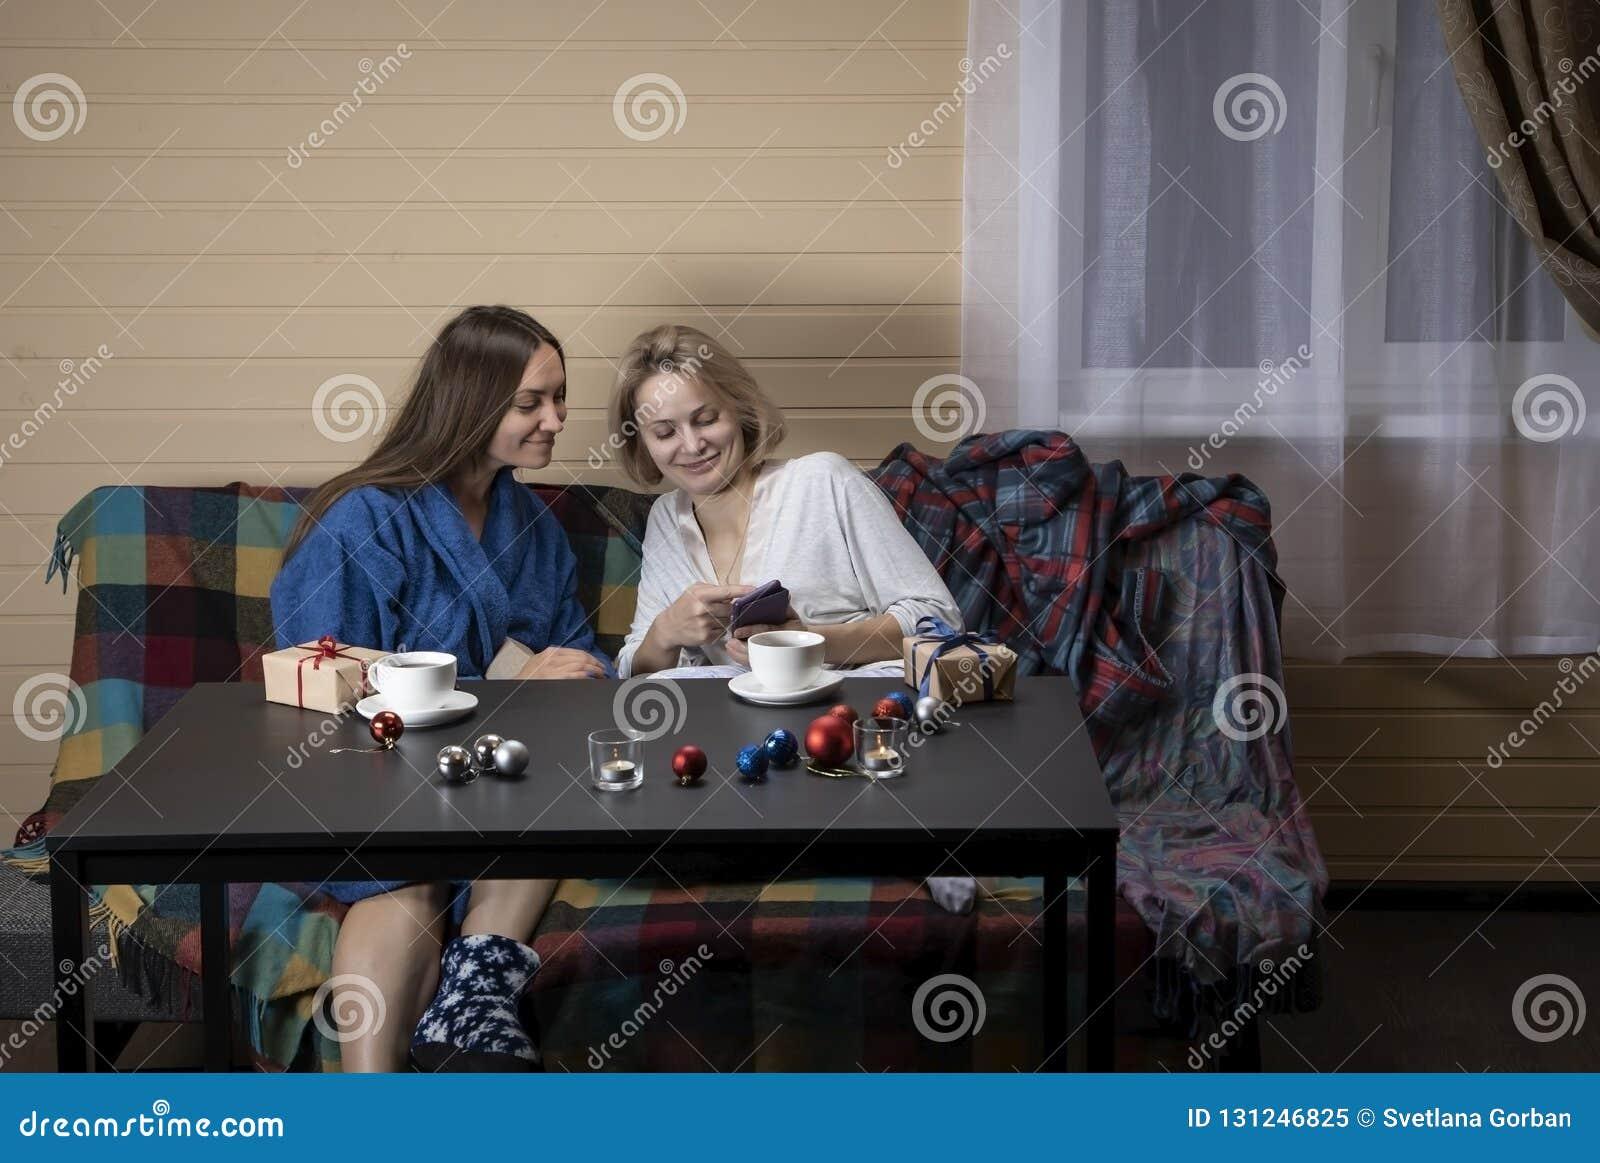 Kvinnor i hem- kläder dricker te